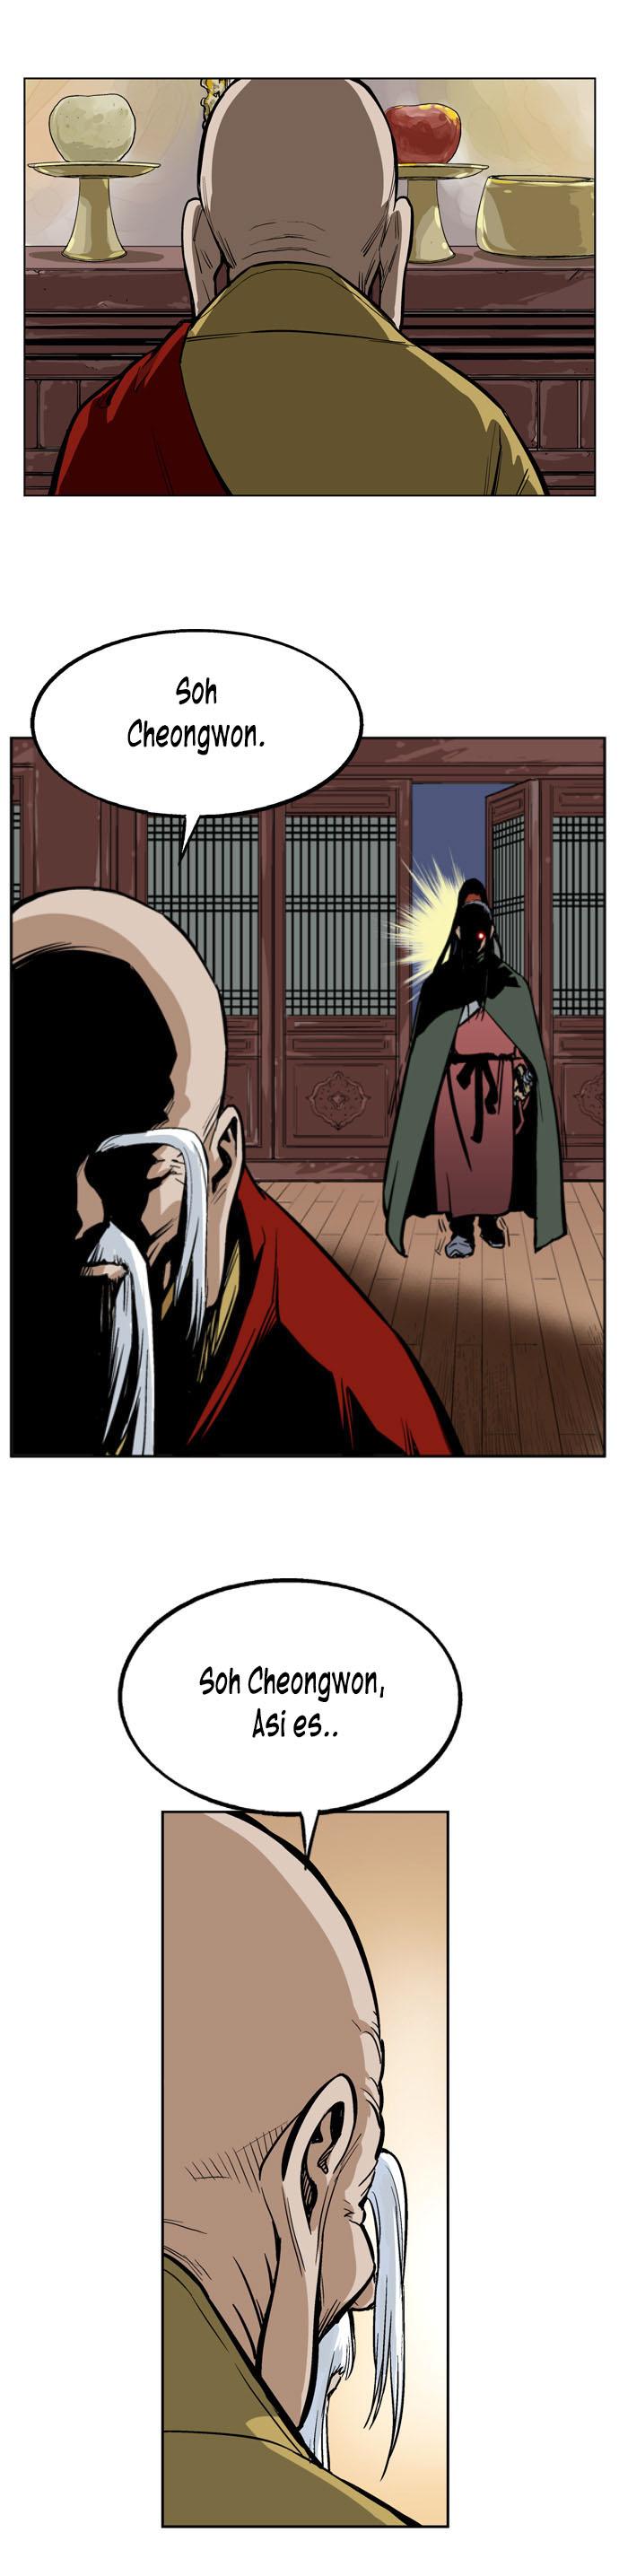 https://c5.ninemanga.com/es_manga/9/18249/449121/83820a0bd8a43216b004880317ae6ecf.jpg Page 5